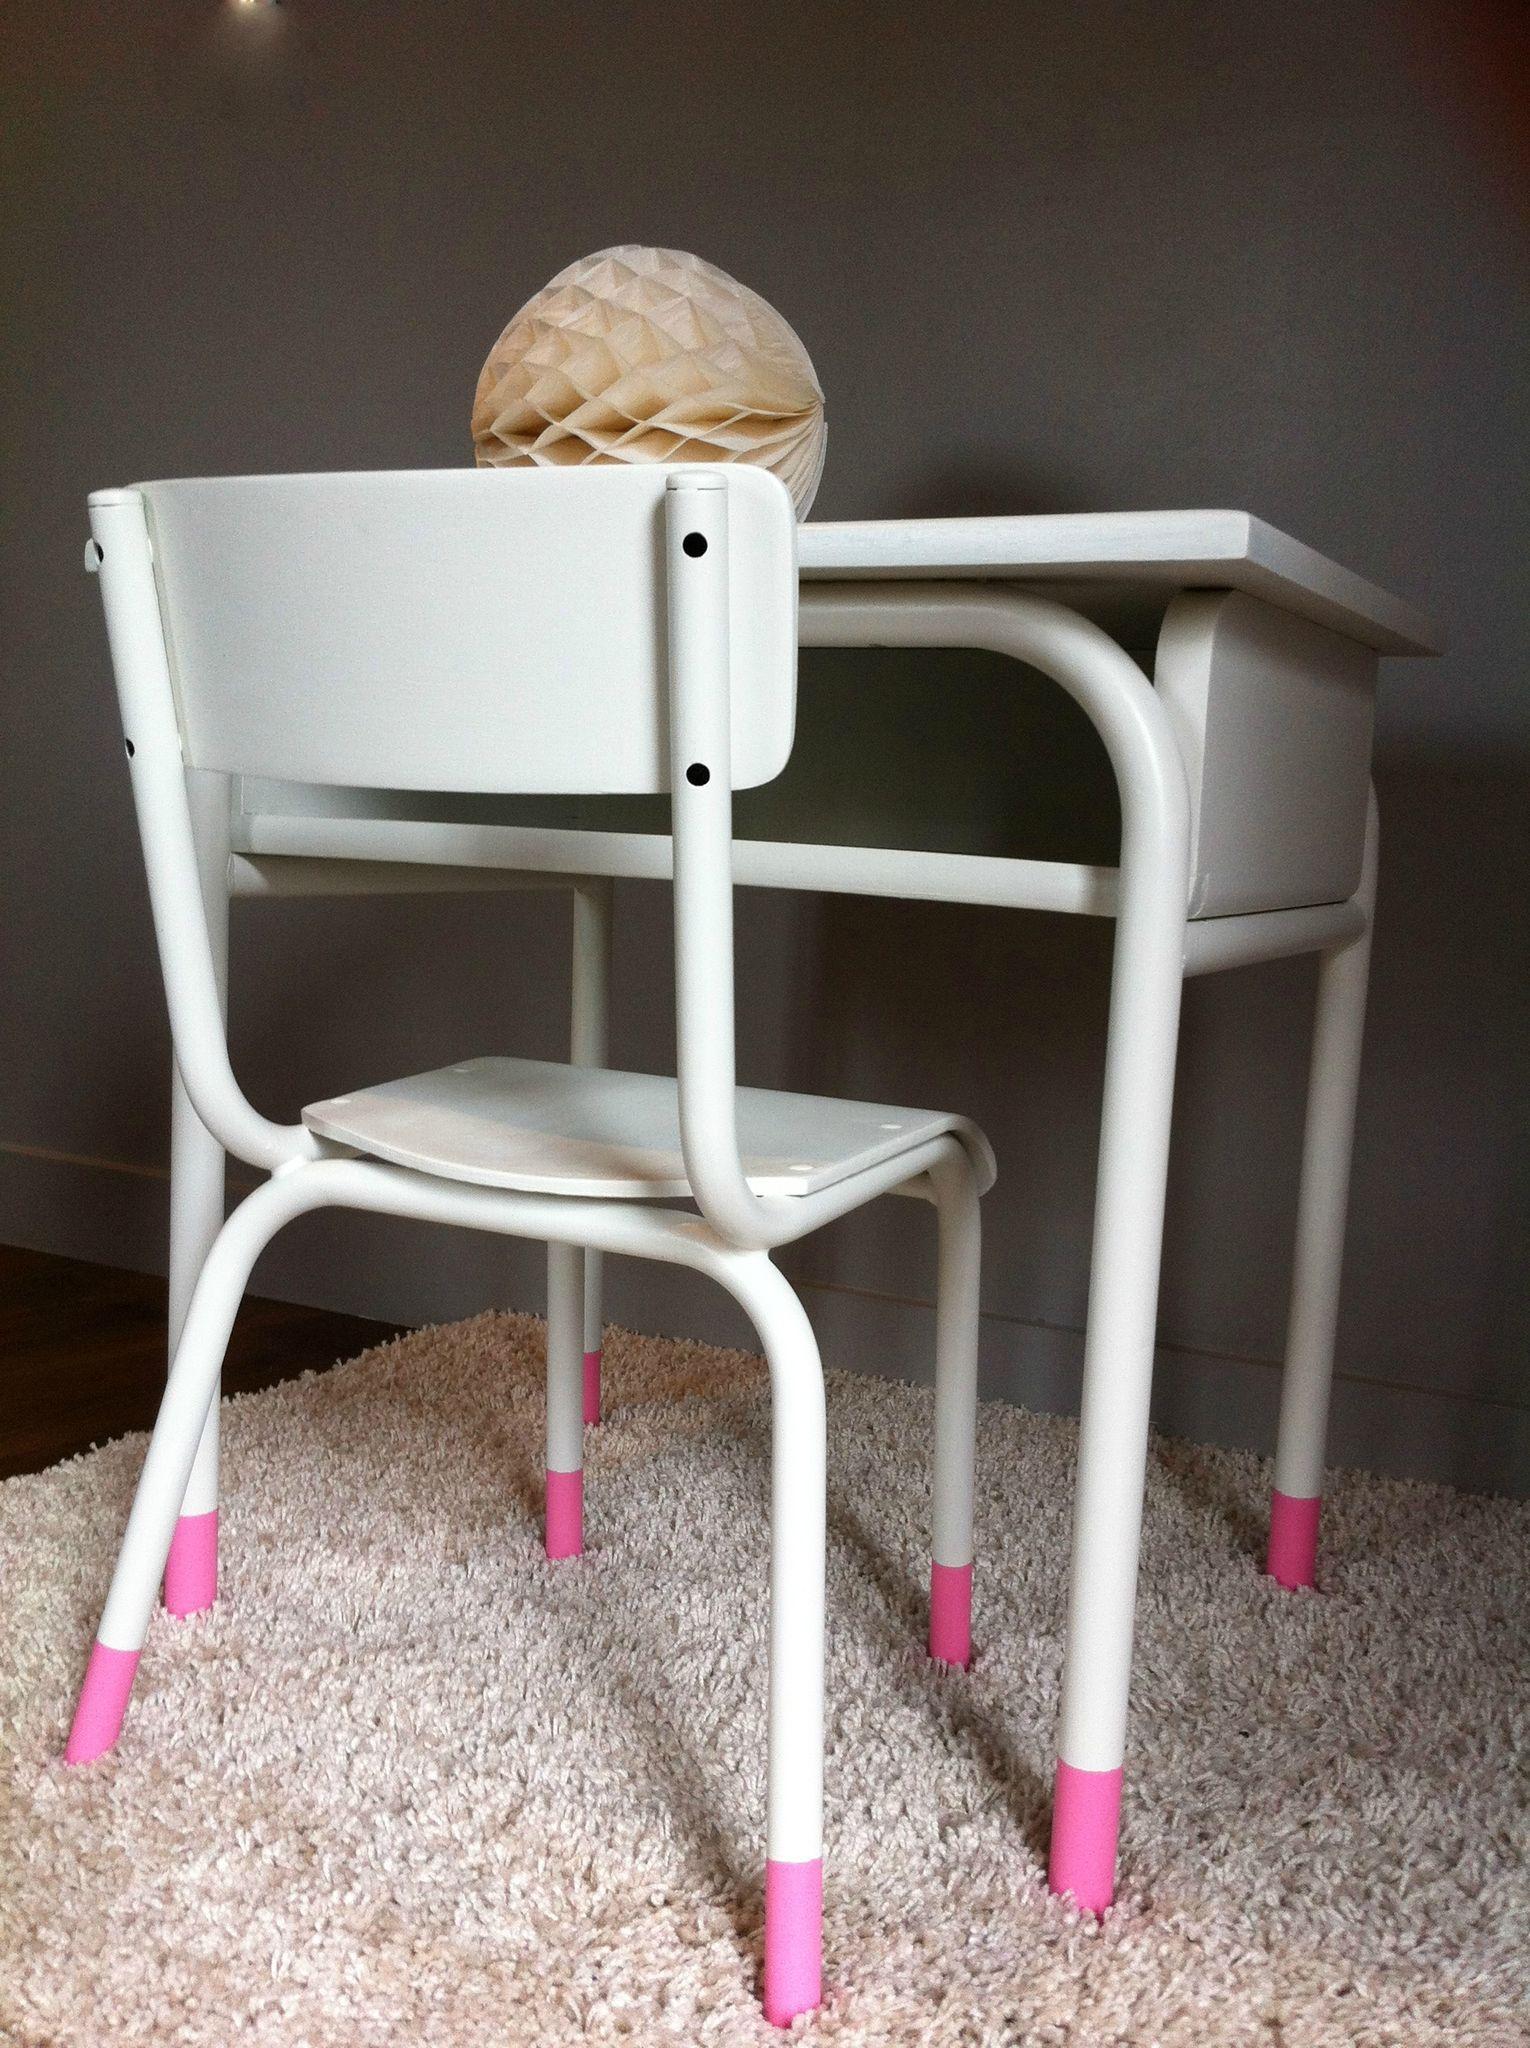 Vintage Idées Petite Et Bureau Chaise Enfant DoucesDiy Des UMqVGLSzp